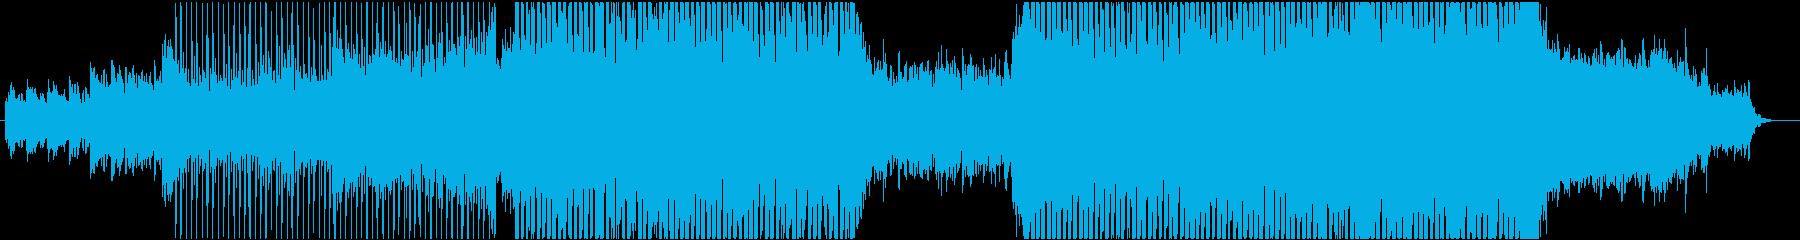 Connectionの再生済みの波形